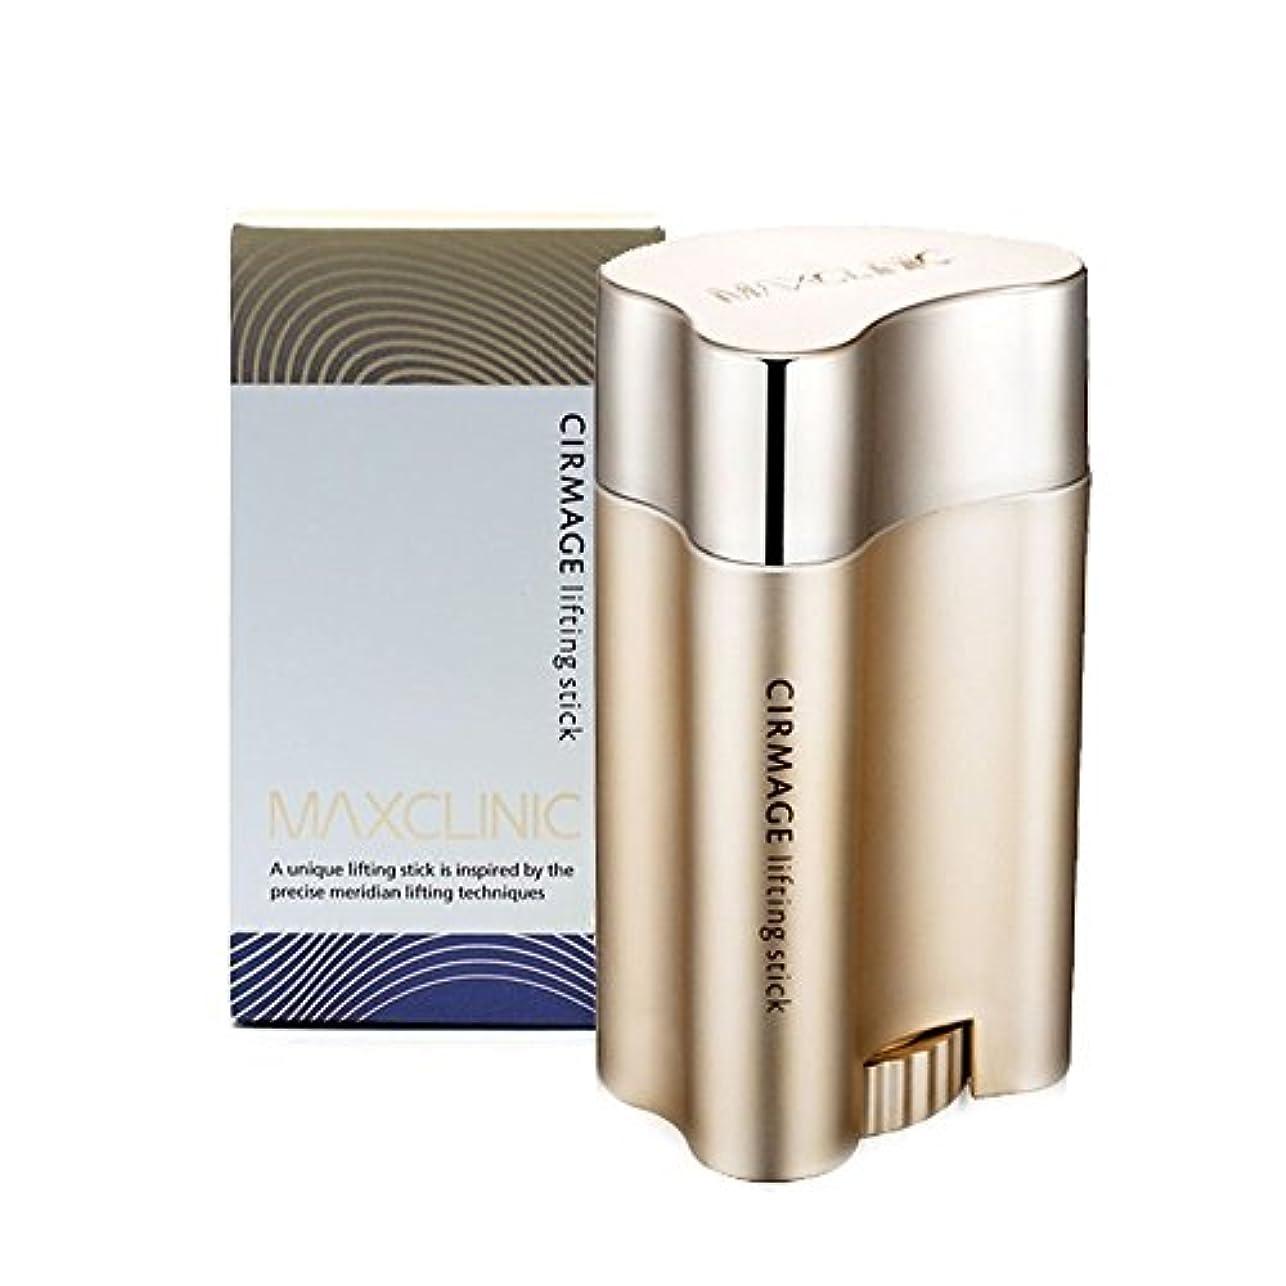 ファウル怪しい宿題MAXCLINIC マックスクリニック サーメージ リフティング スティック 23g(Cirmage Lifting Stick 23g)/Direct from Korea/w free Gift Sample [並行輸入品]